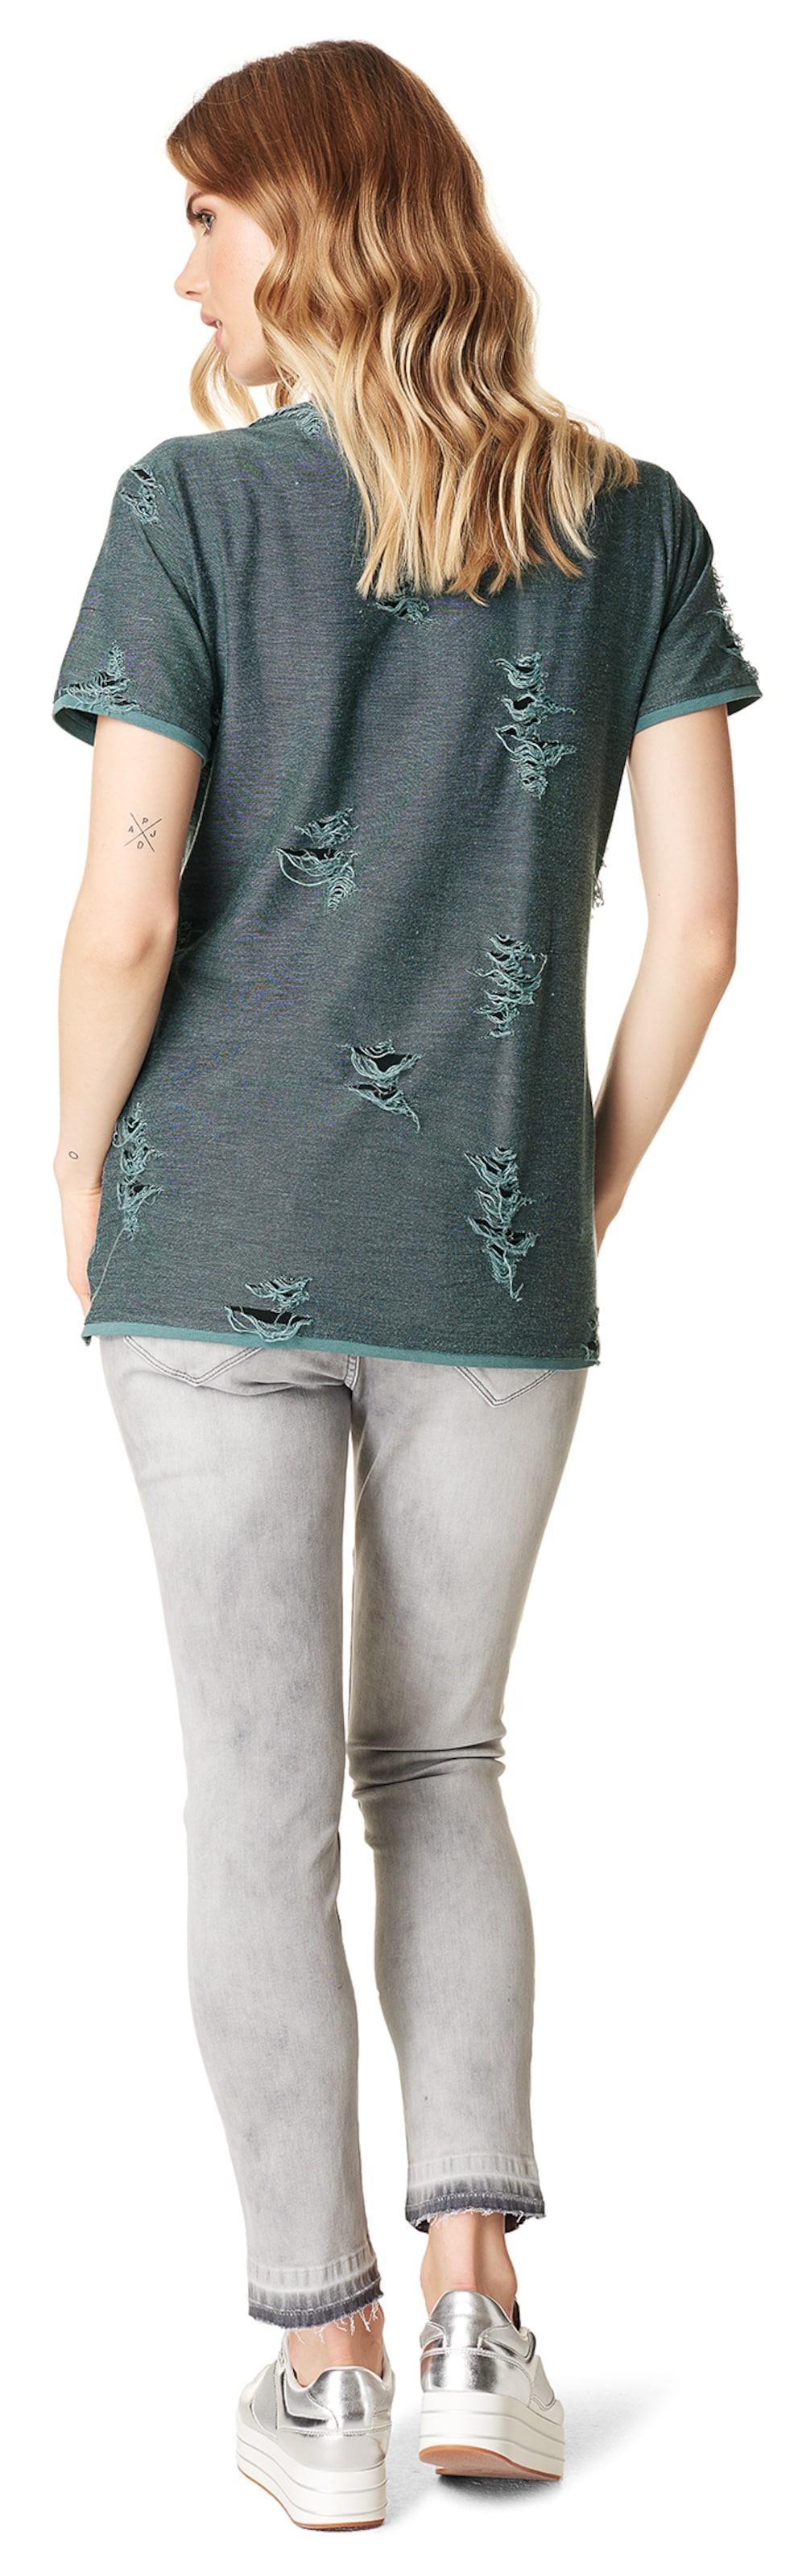 Spielraum Footlocker Bilder Noppies Pullover 'Destroyed' 100% Original Steckdose Shop Rabatt Professionelle Footlocker Zum Verkauf neA4bwL8